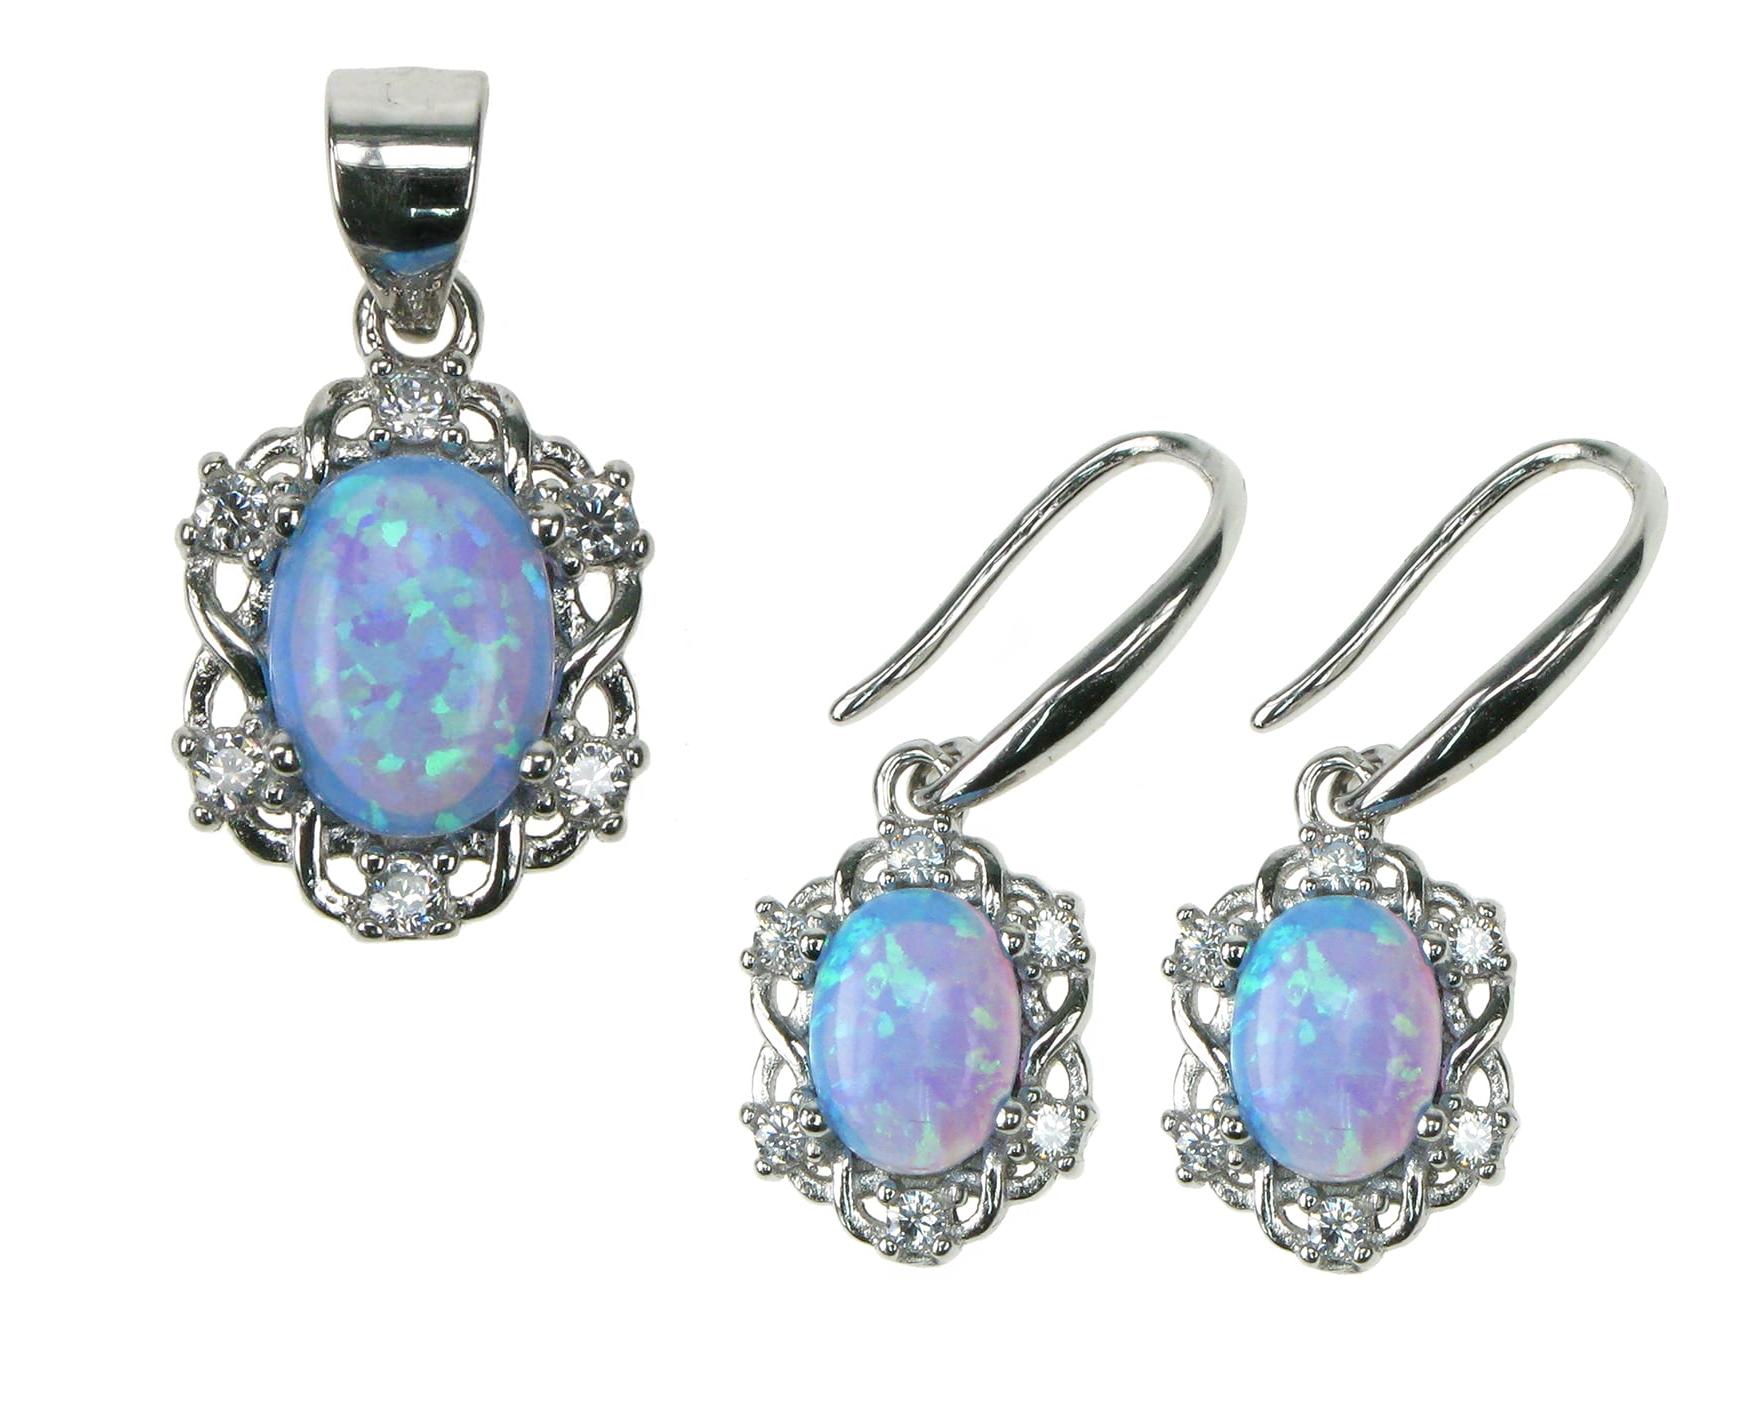 Oval opal smykkesæt med 925 Sterling sølv